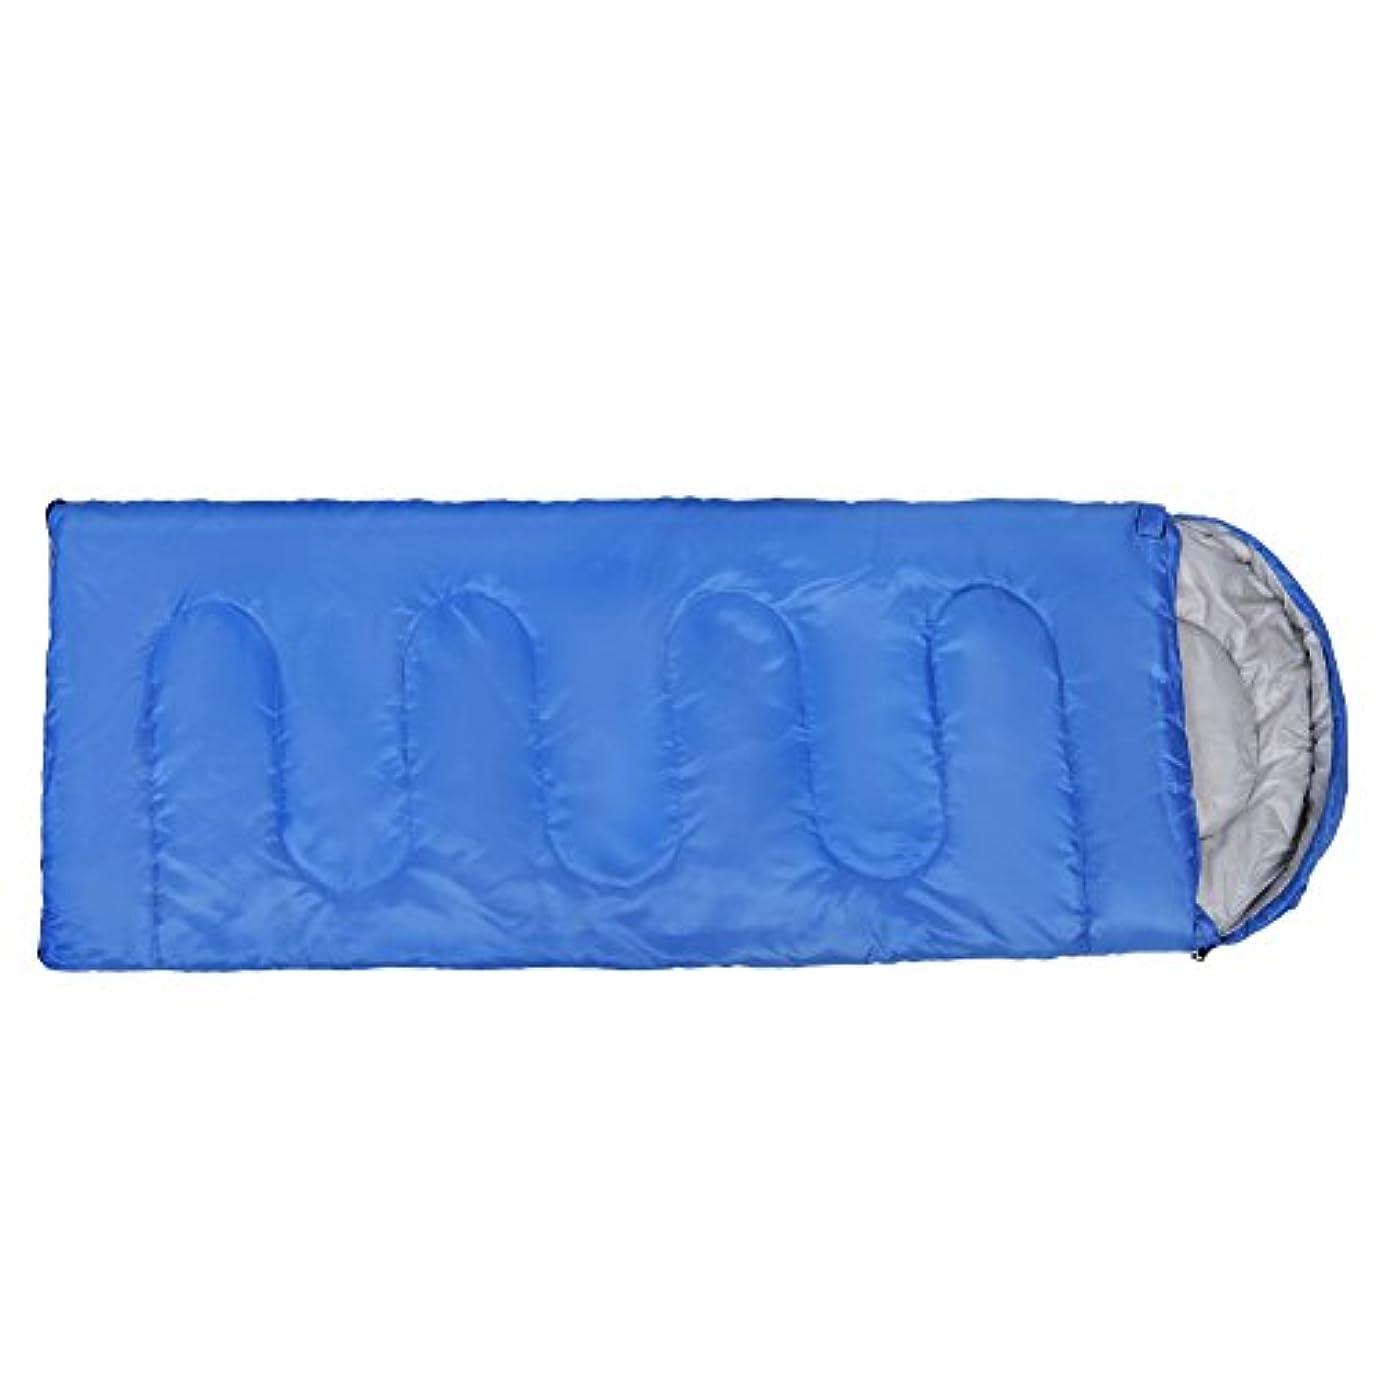 スカウト以降税金寝袋 封筒型 シュラフ オールシーズン 10℃?20℃適用 軽量 コンパクト 車中泊 登山 キャンプ 防災用 青 収納バッグ付き